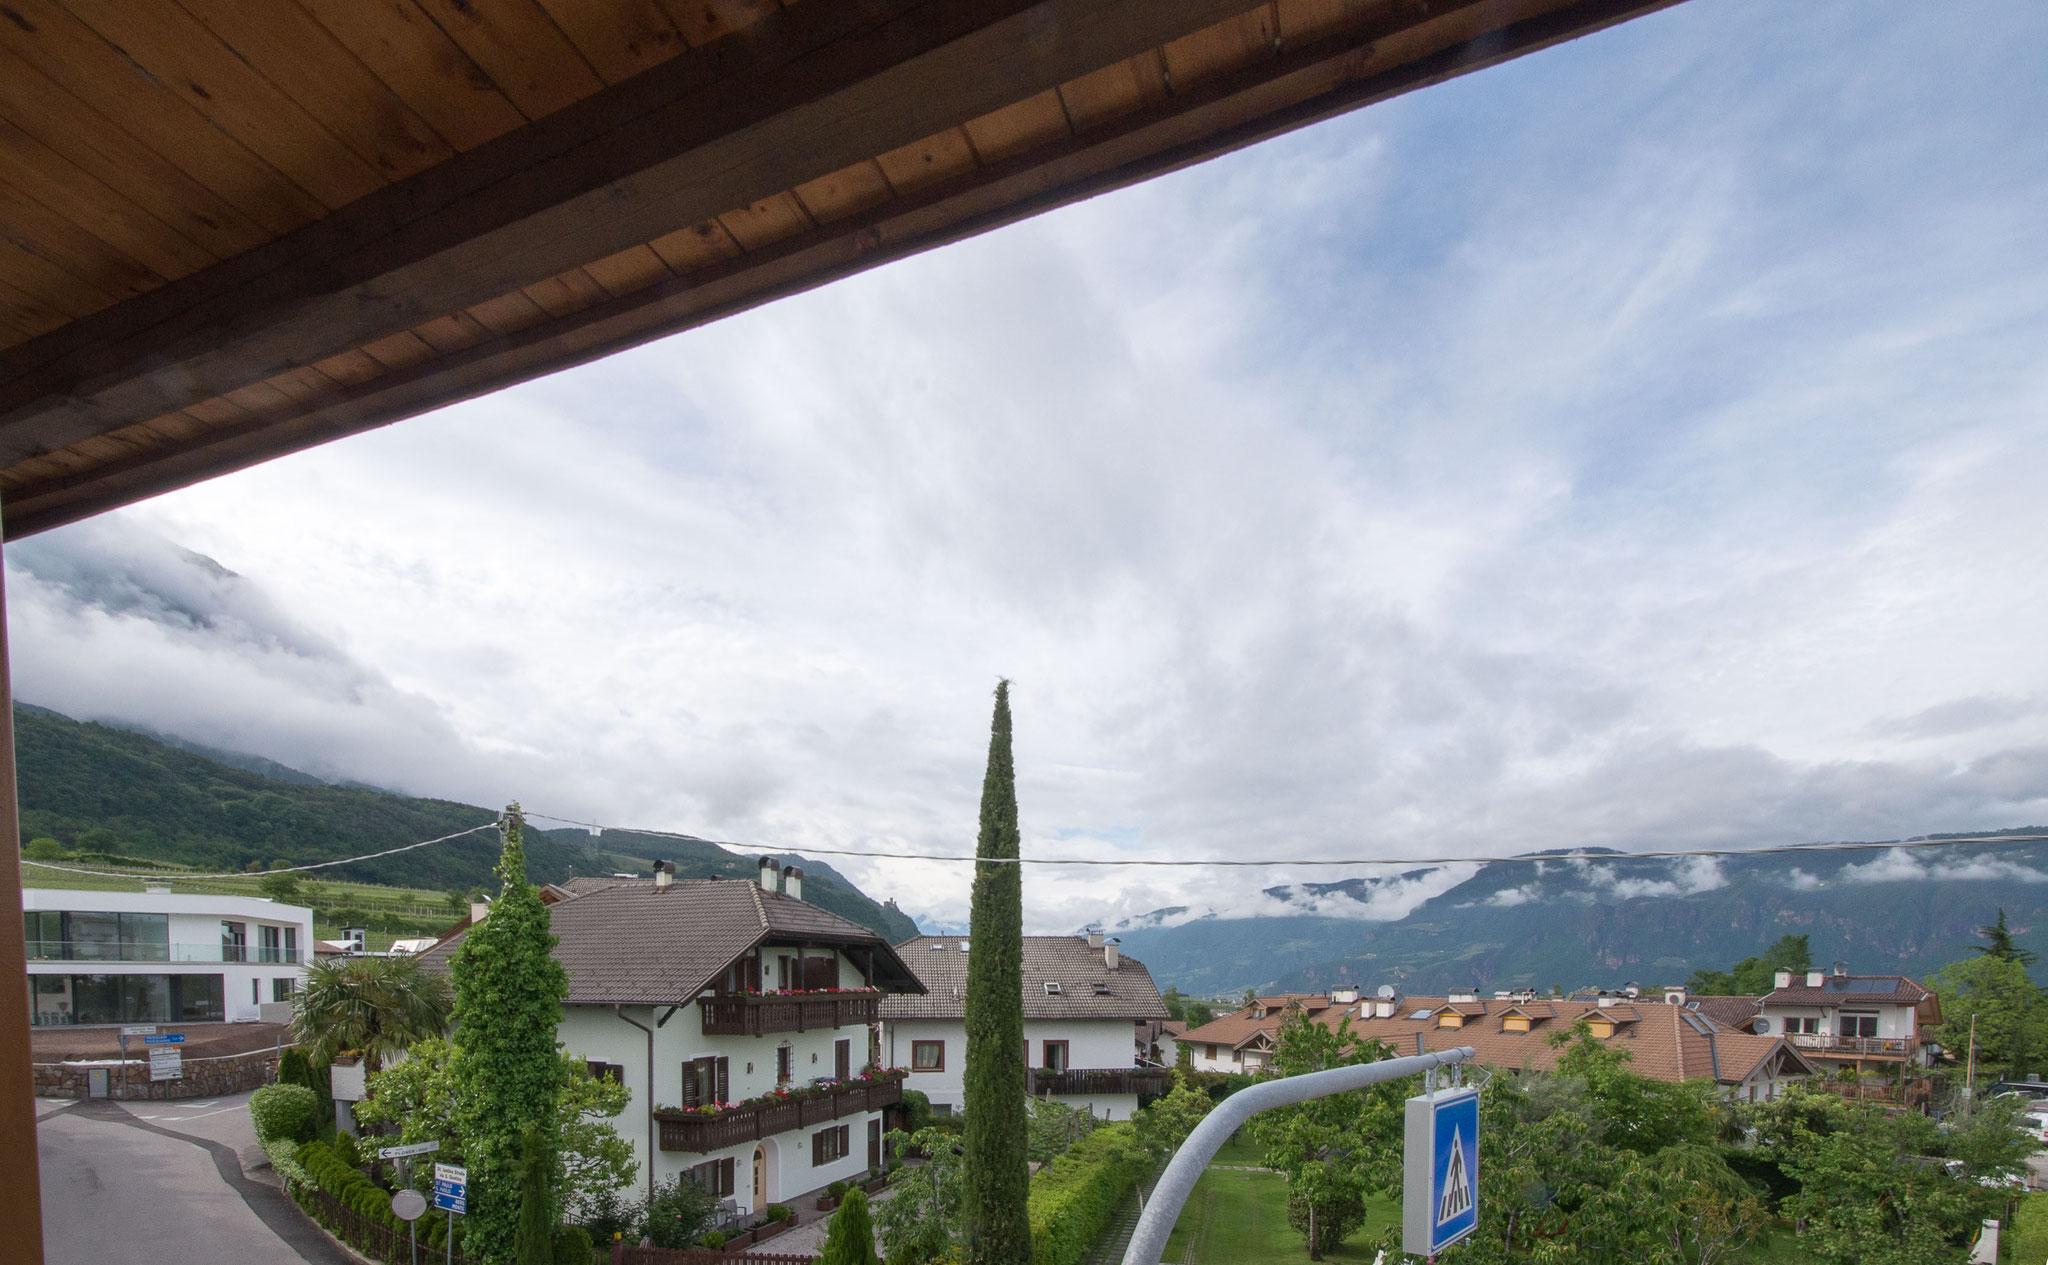 Der Blick aus dem Zimmerfenster von Nummer 5 zeigt in Richtung Norden, als Burg Hocheppan, den Tschögglberg und Bozen